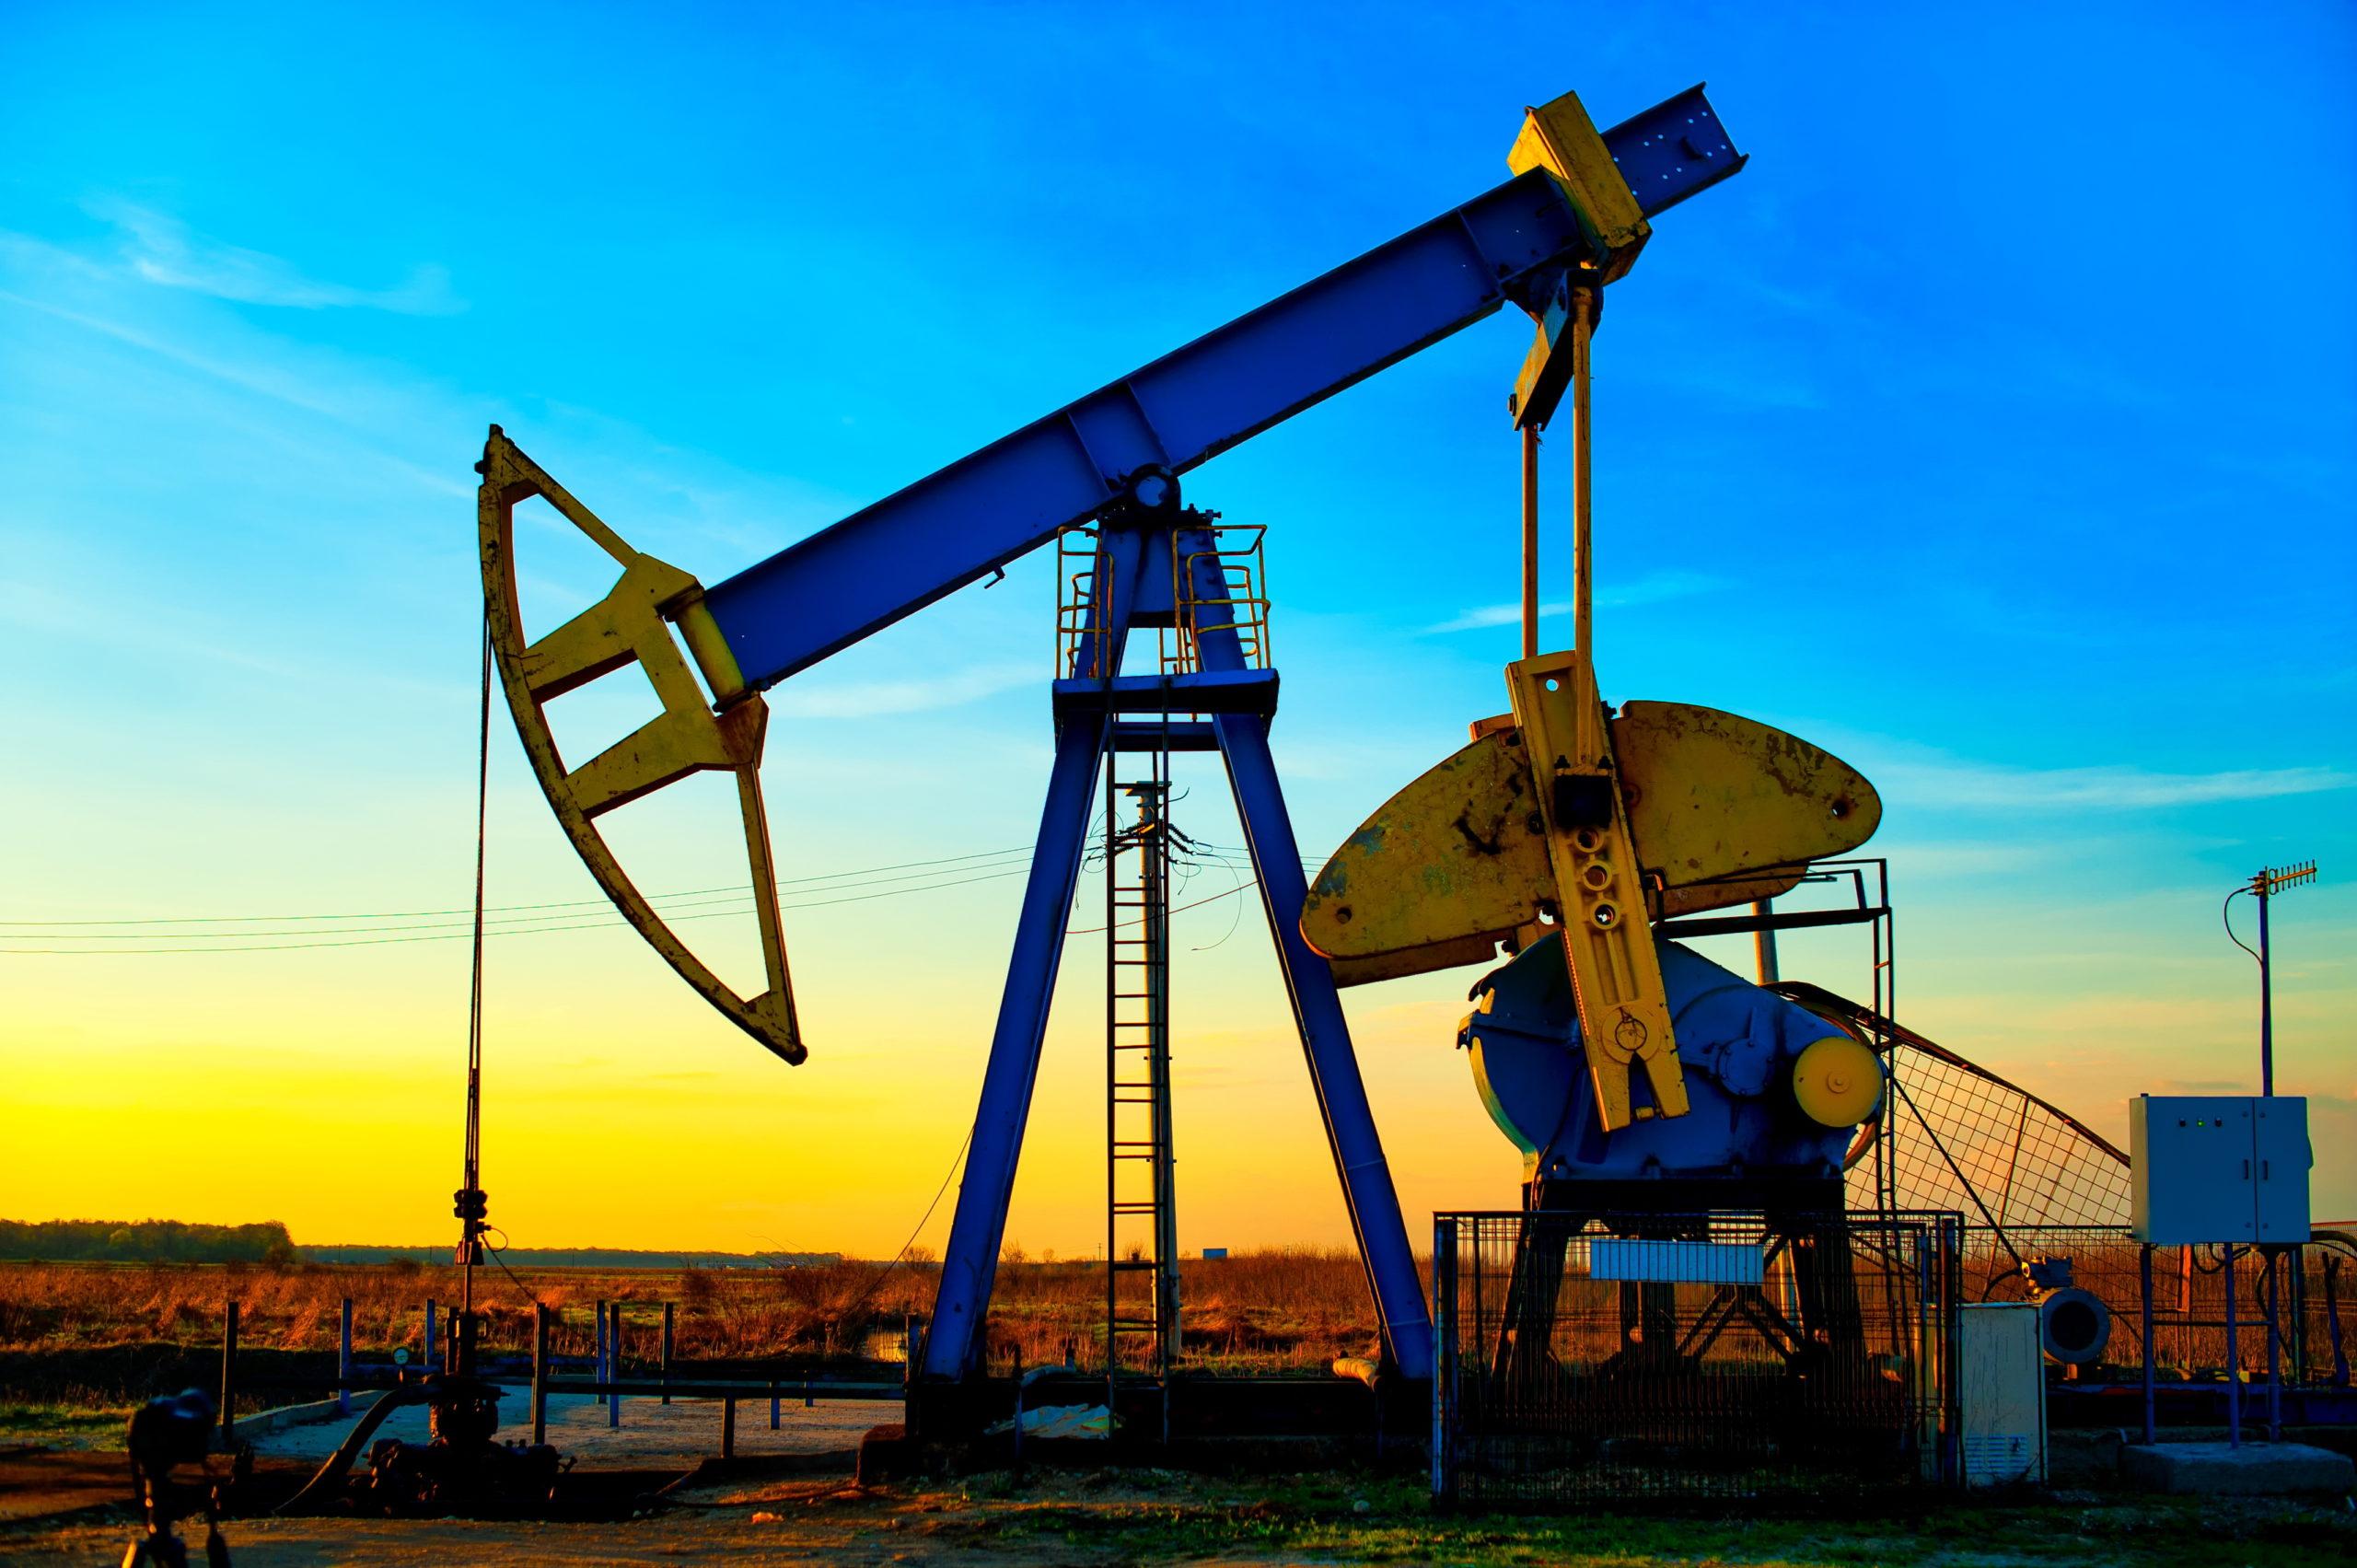 Експерти DiXi Group підготували інфографіку про те, як формуються тарифи на нафтопродукти (відео)